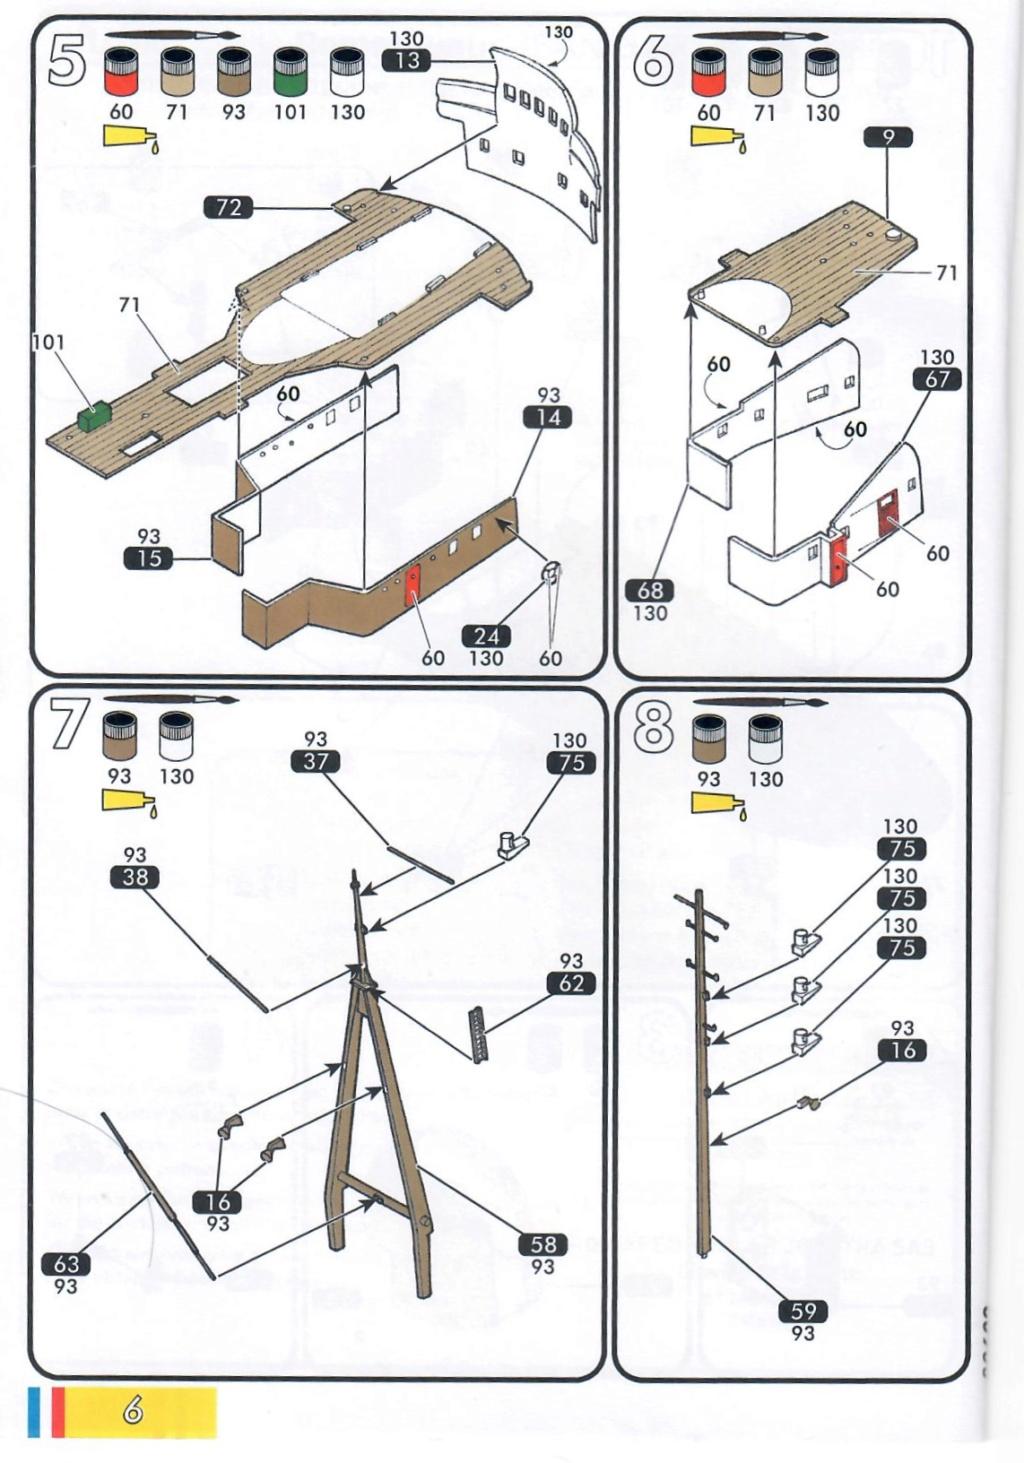 Remorqueur JEAN BART port d attache boks01 1/200ème Réf 80602 Notice23